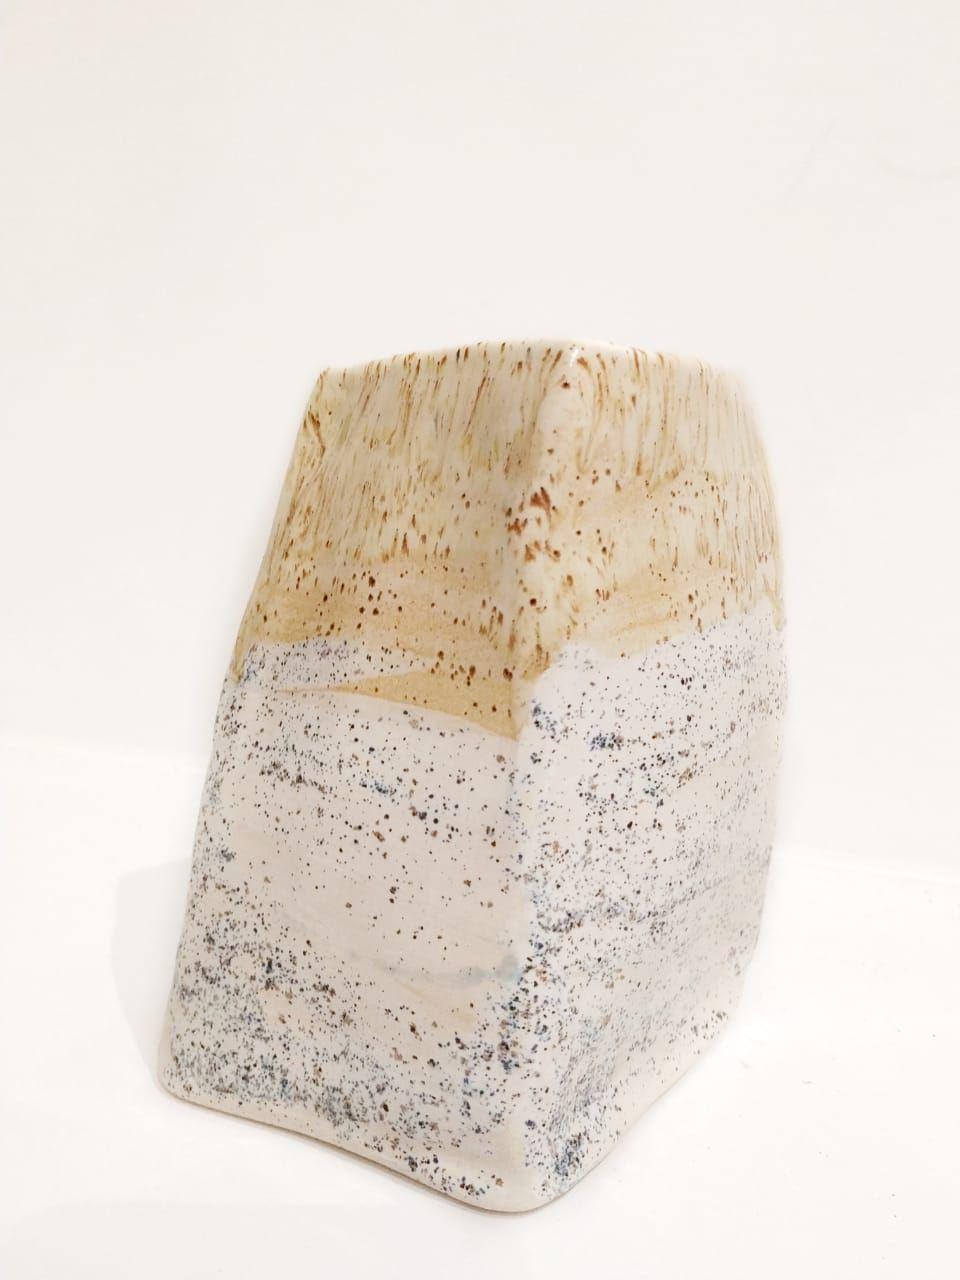 глина посуда глазурь ваза hand ручной работы made